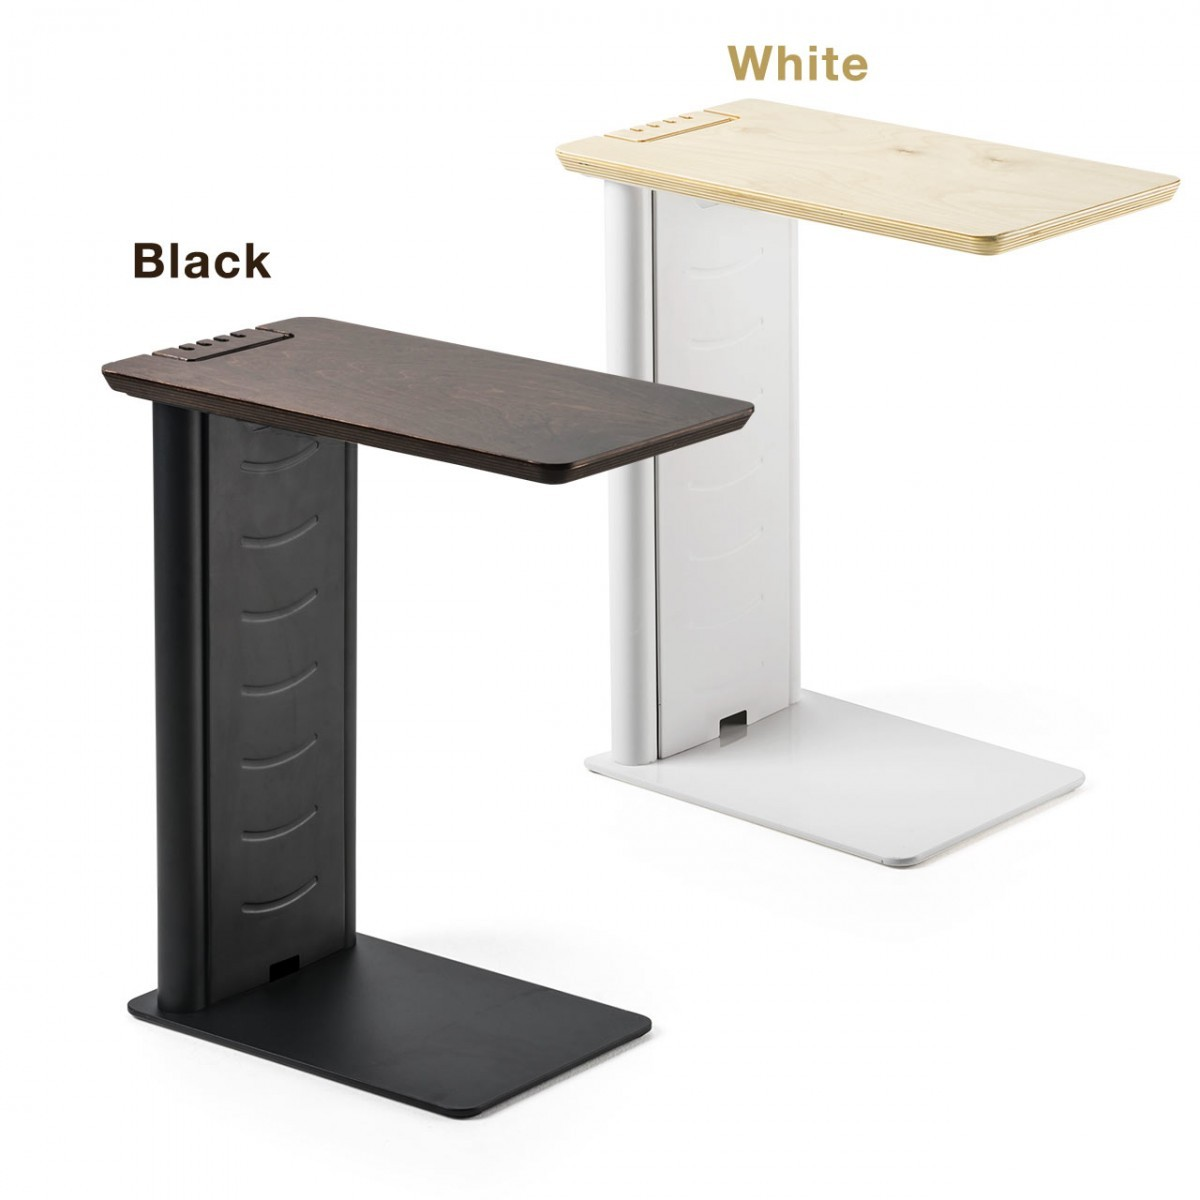 ソファサイドテーブル USB-ACアダプター収納 天然木 突板仕上げ 天板 [200-STN030]